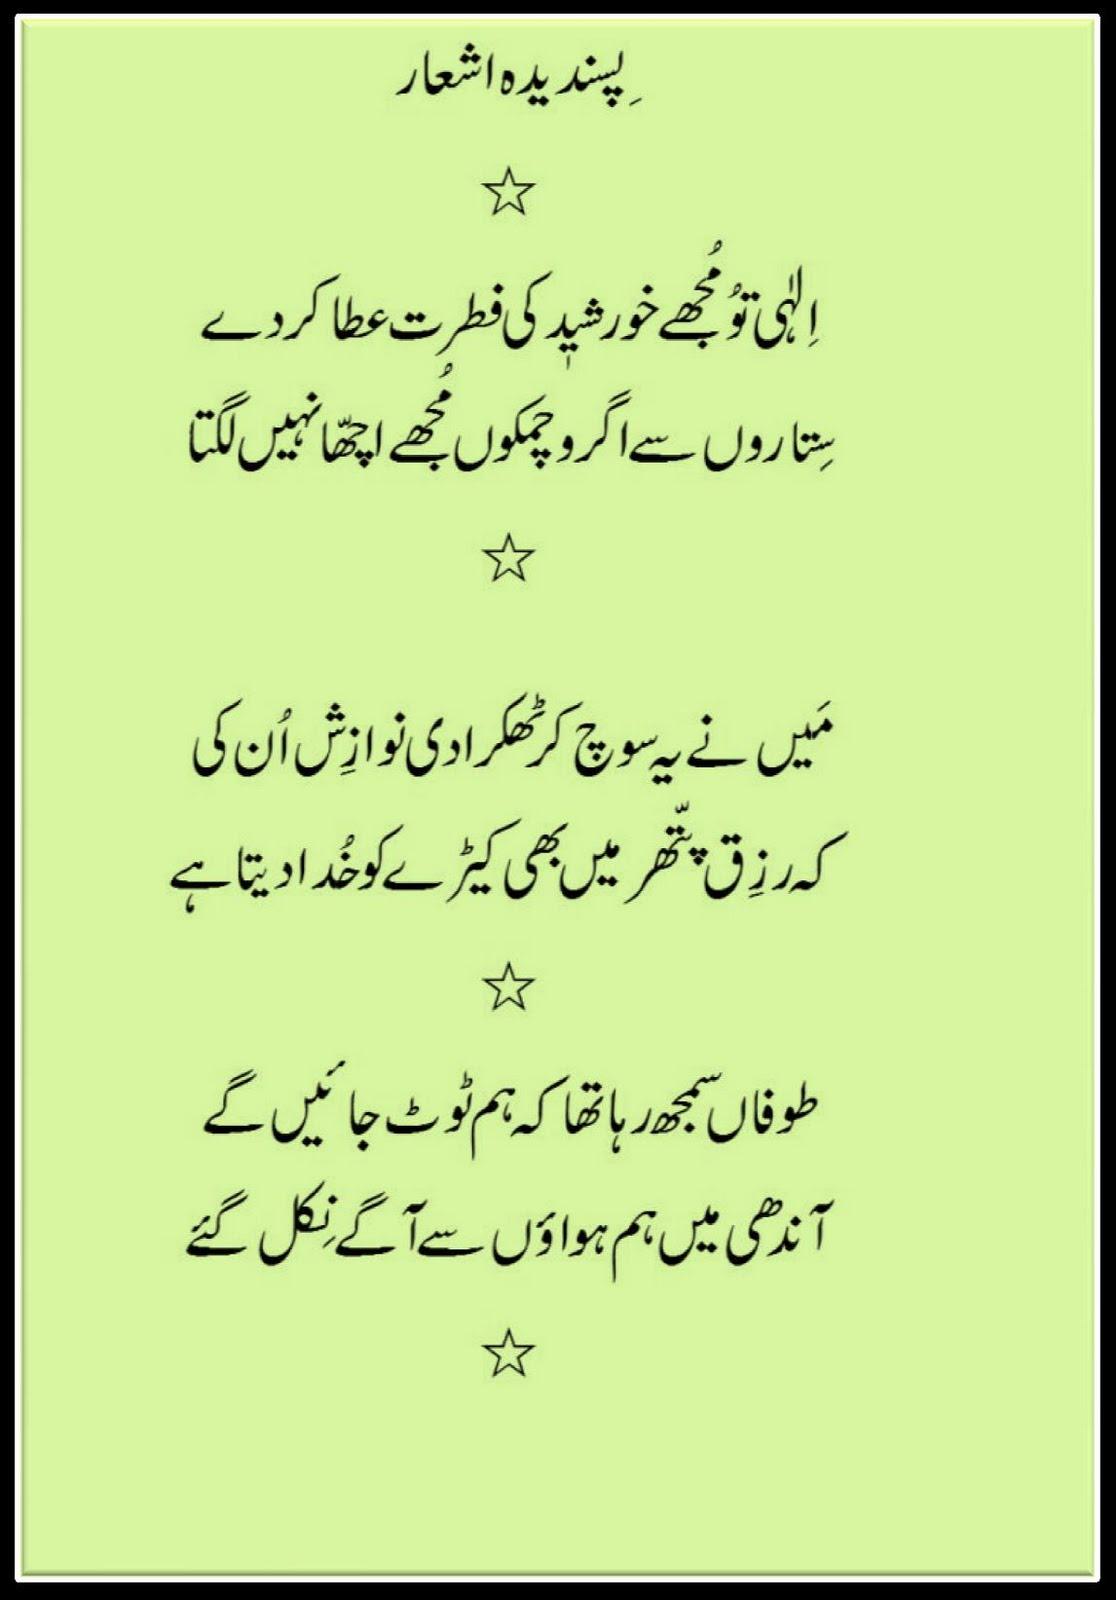 Urdu Poetry And Ghazals: Ghazal